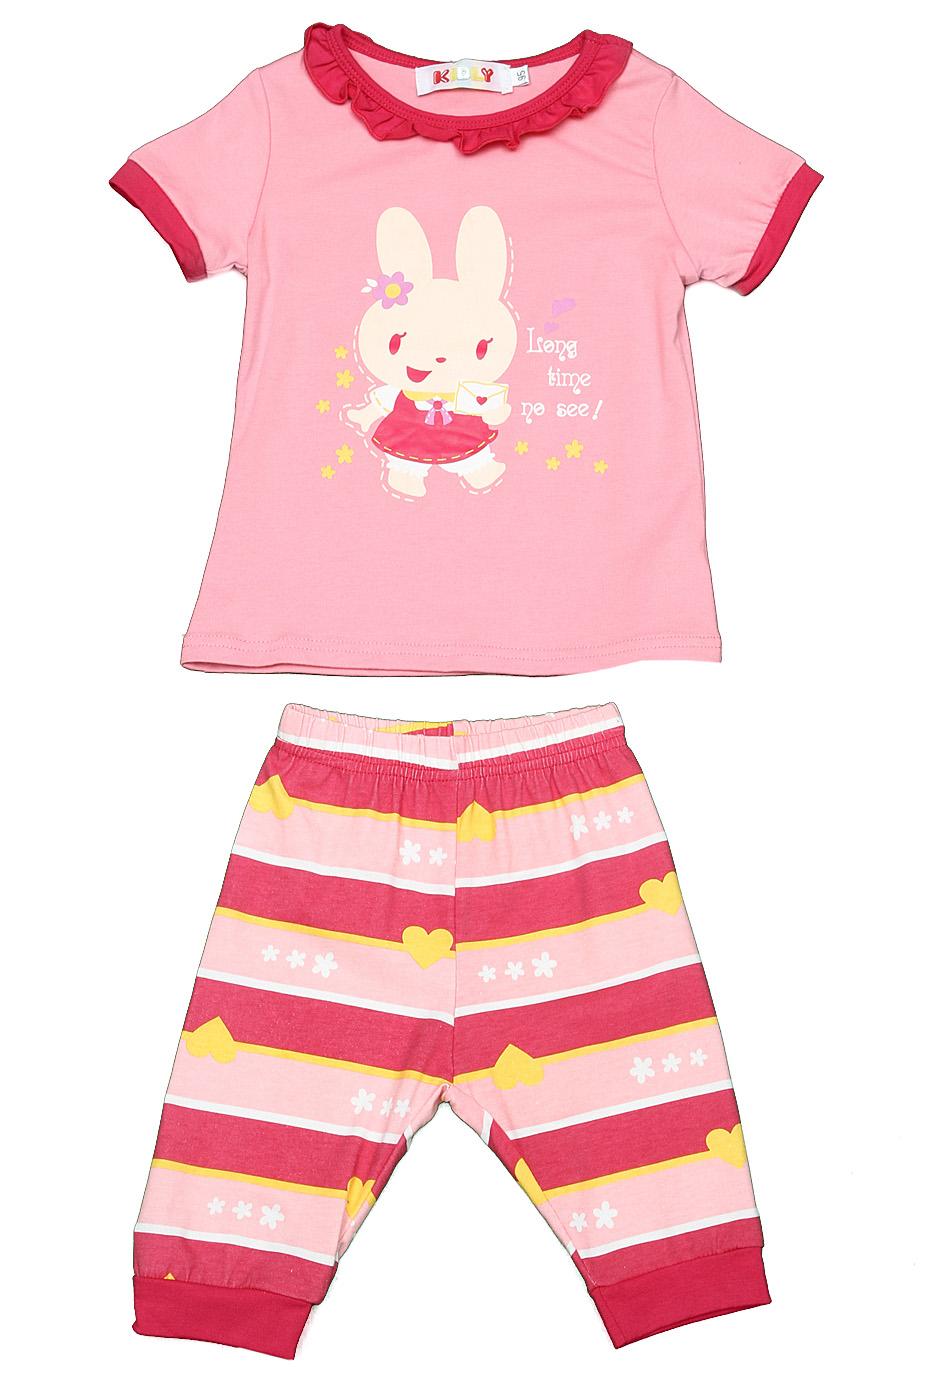 Комплект одежды Kidly kidly комплект одежды комбинезон нагрудник